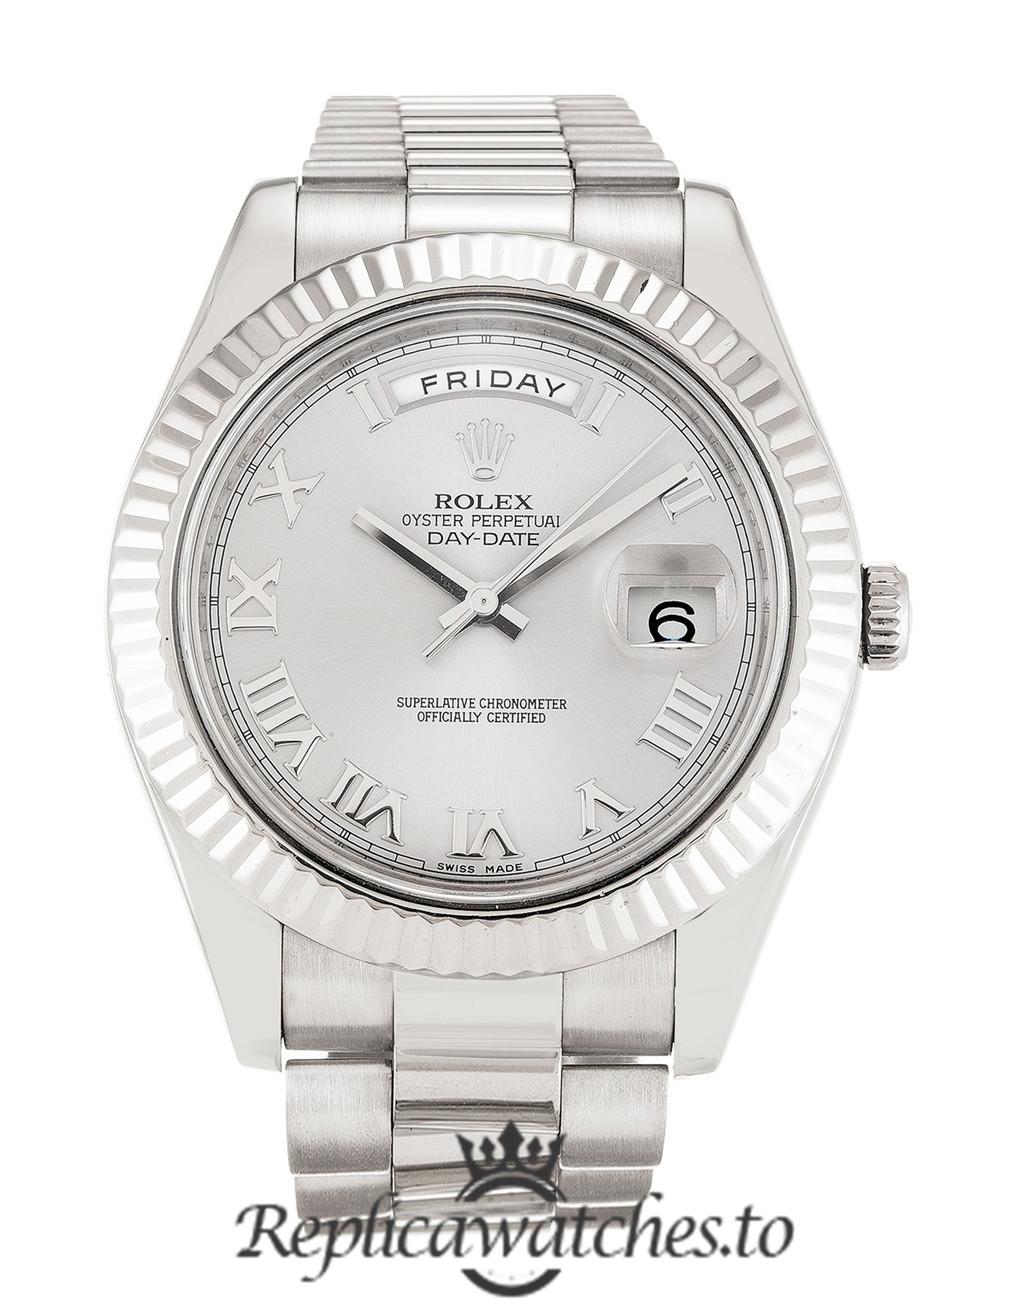 Rolex Day Date Replica 218239 White Gold Strap 41MM